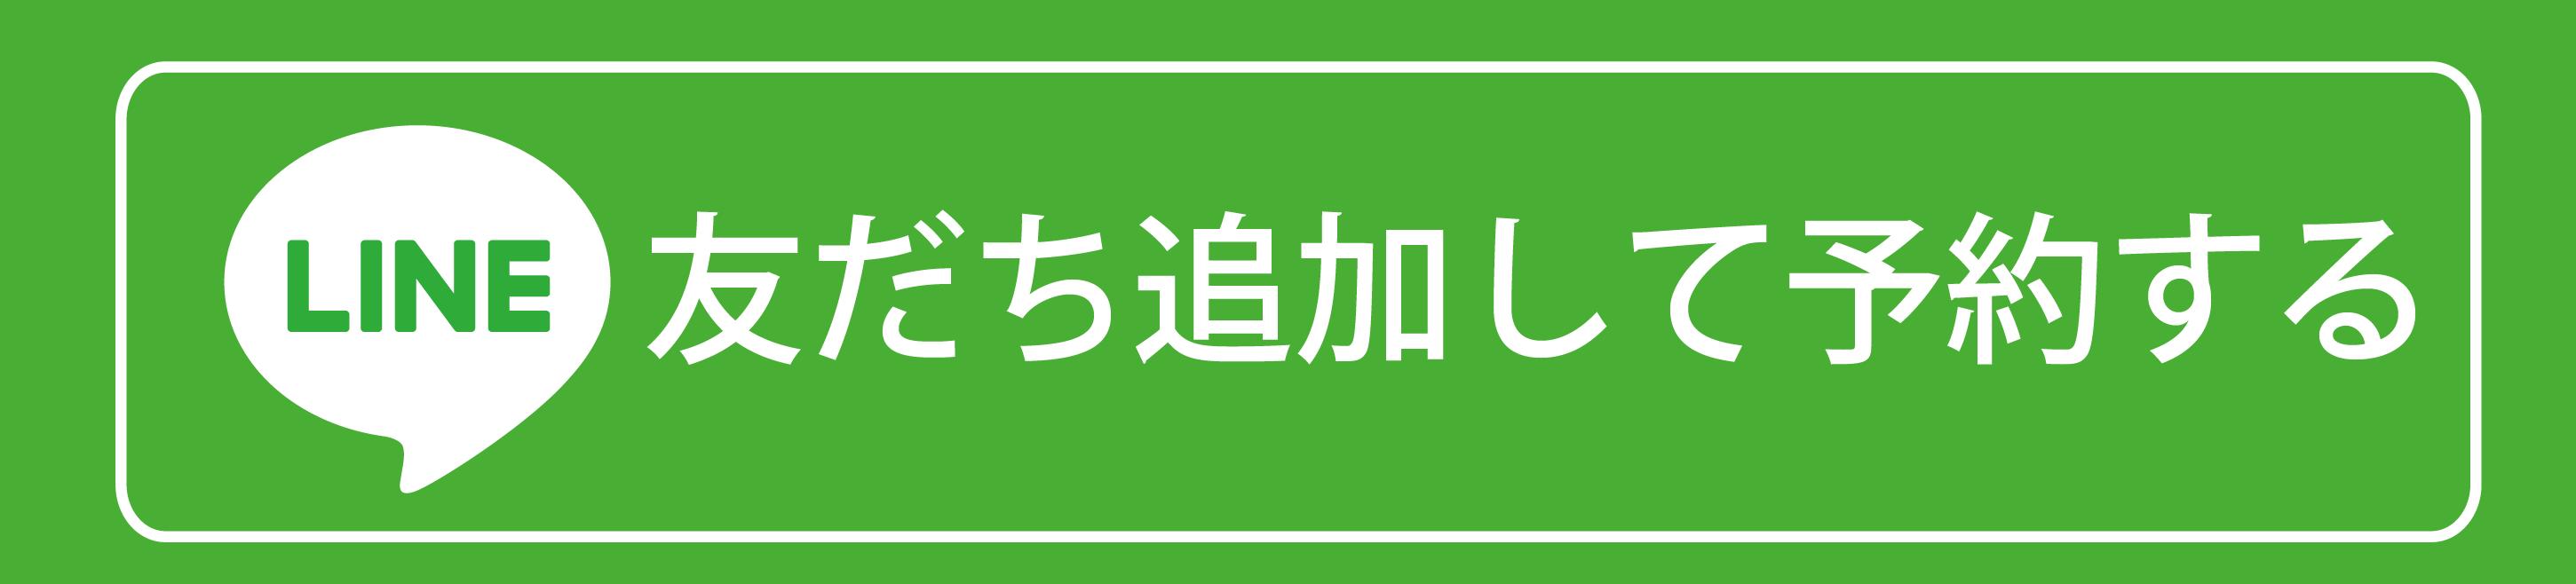 LINE問い合わせ方法3